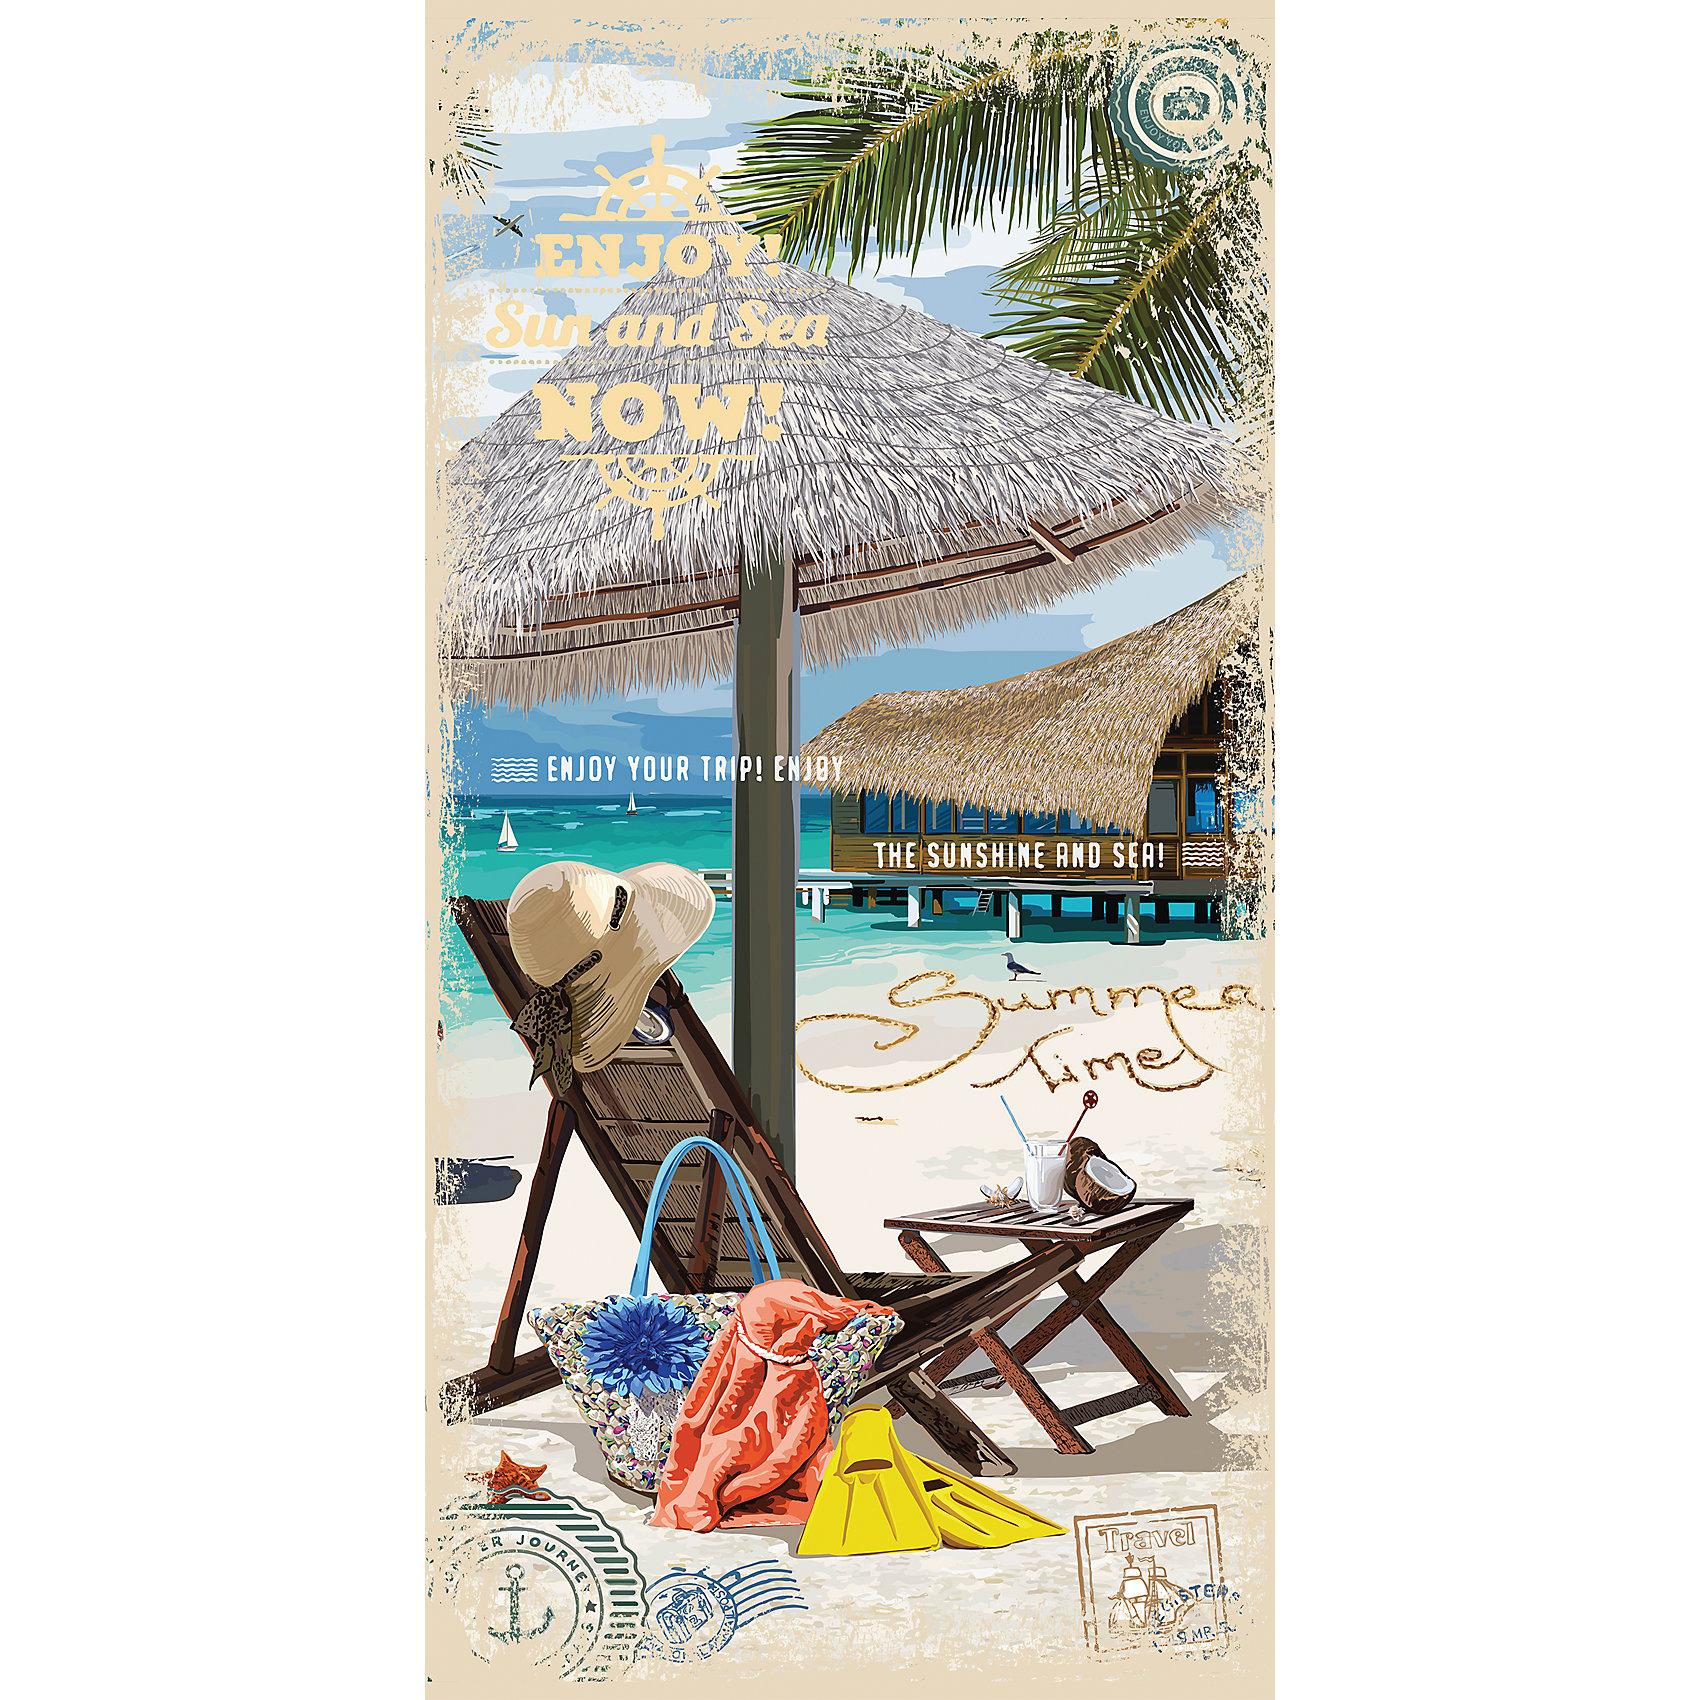 Полотенце 70*140 Summer Lounger, Mona LizaПляжные полотенца<br>Характеристики:<br><br>• материал: махра<br>• состав: 70% хлопок, 30% велюр<br>• размер полотенца: 70х140 см<br>• размер упаковки: 37х1х25 см<br>• вес: 350 грамм<br><br>Полотенце Summer Lounger отлично подойдет как для ванной комнаты, так и пляжного отдыха. Пляжное махровое полотенце не вызывает неприятных ощущений на коже, обладает антибактериальными свойствами и является неприхотливым в уходе. Оно хорошо поддается стирке, сохраняет насыщенность цвета, практически не мнется.<br><br>Полотенце 70*140 Summer Lounger, Mona Liza (Мона Лиза) вы можете купить в нашем интернет-магазине.<br><br>Ширина мм: 250<br>Глубина мм: 10<br>Высота мм: 370<br>Вес г: 350<br>Возраст от месяцев: 84<br>Возраст до месяцев: 600<br>Пол: Унисекс<br>Возраст: Детский<br>SKU: 6765290